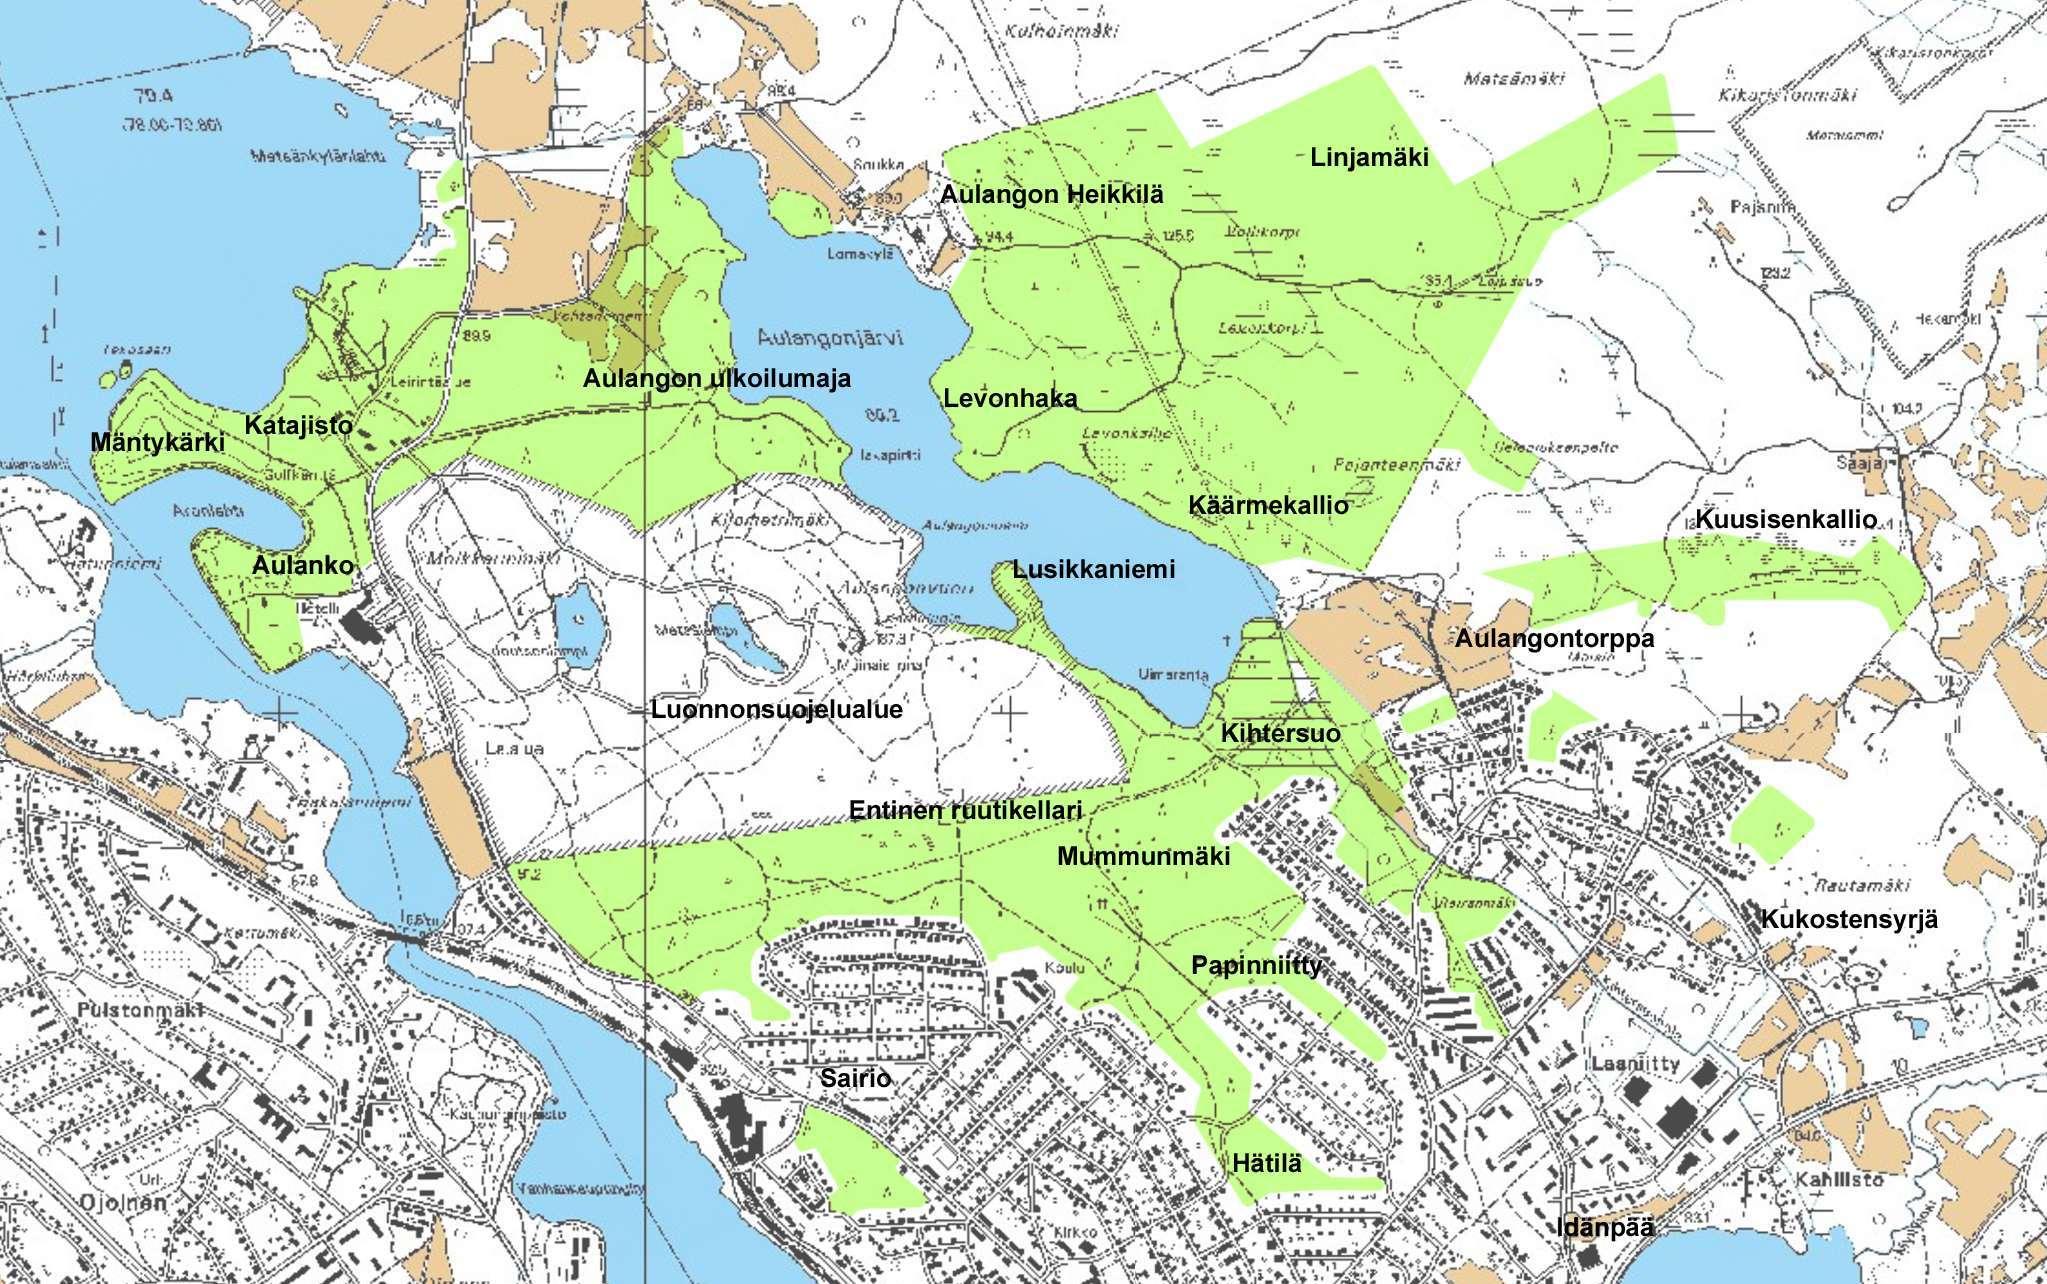 Aulangon Metsaluonnon Hks 2015 2025 Hameenlinna